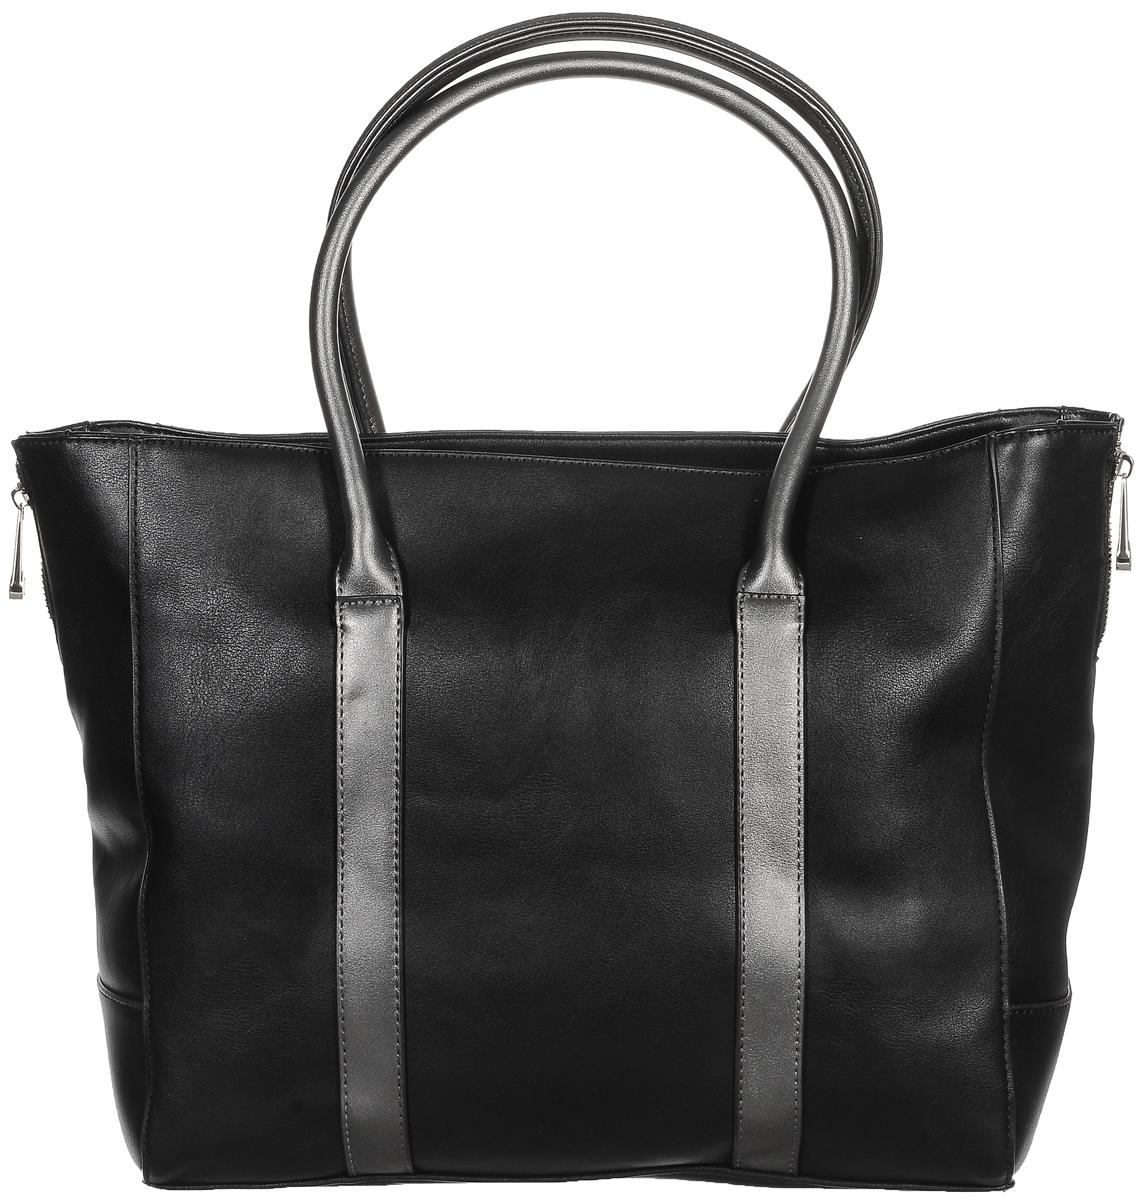 Сумка женская Renee Kler, цвет: черный, серый. RK121-01RK121-01Изысканная женская сумка Renee Kler, изготовленная из искусственной кожи, оформлена декоративными молниями по бокам. Изделие имеет одно основное отделение и закрывается на удобную застежку-молнию. Внутри расположены два накладных открытых кармана, прорезной карман на застежке-молнии и накладной карман с отделением на застежке-молнии. Снаружи, на задней стенке находится прорезной карман на застежке-молнии. Сумка оснащена двумя удобными ручками. Роскошная сумка внесет элегантные нотки в ваш образ и подчеркнет ваше отменное чувство стиля.